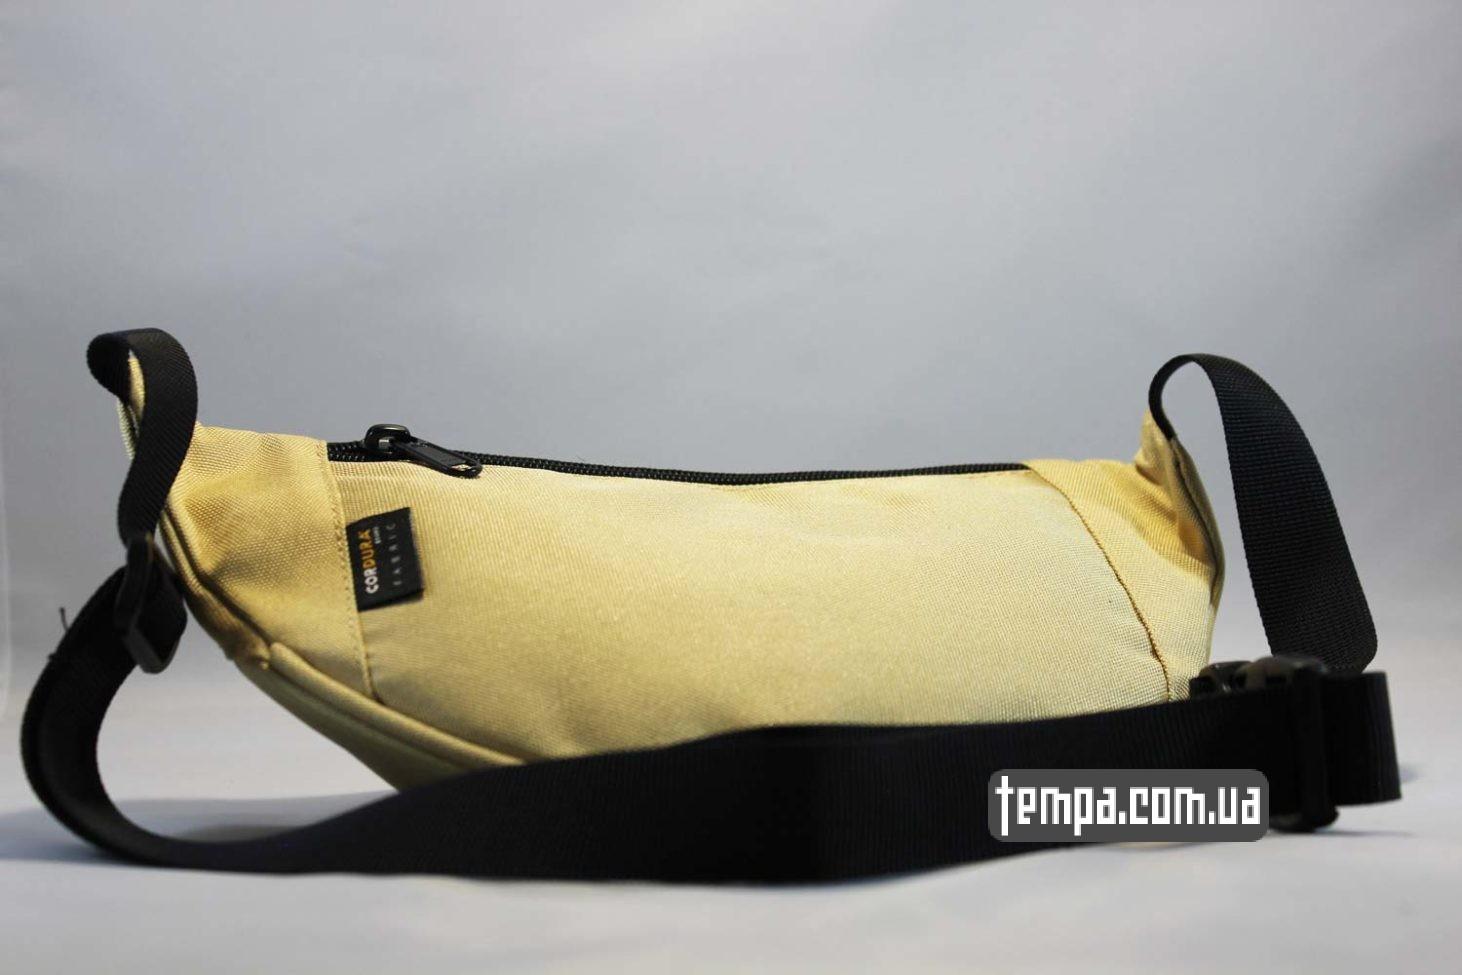 кархарт украина купить сумка на пояс бананка Carhartt Fanny Pack бежевая белая купить